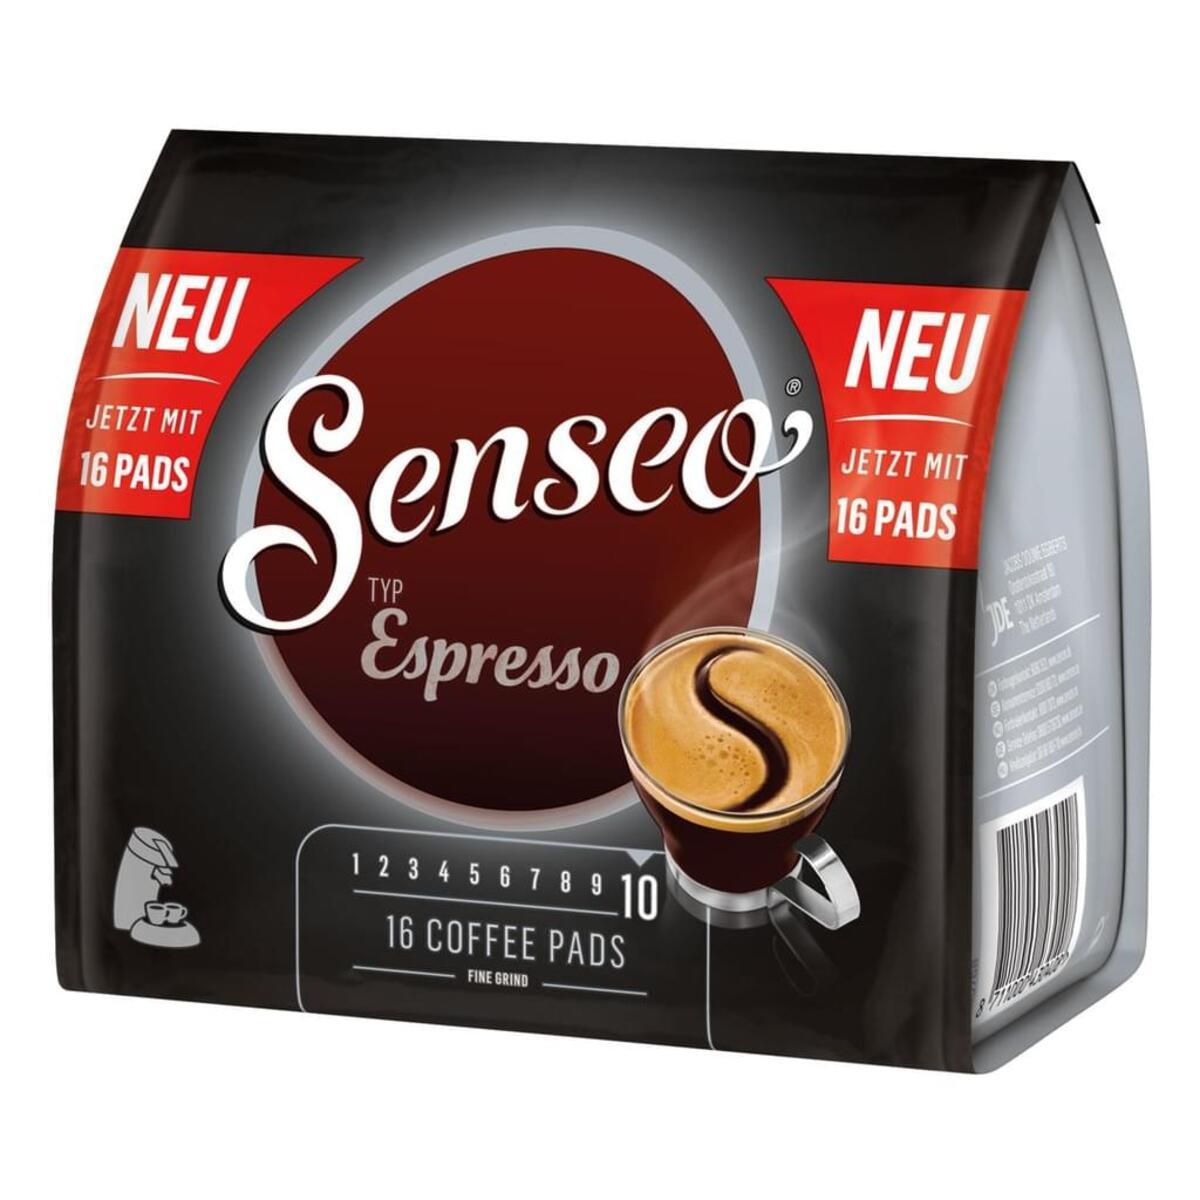 Bild 3 von Senseo Typ Espresso, Kaffeepads, Aromatisch und Vollmundig, Röstkaffee, Kaffee, 16 Pads